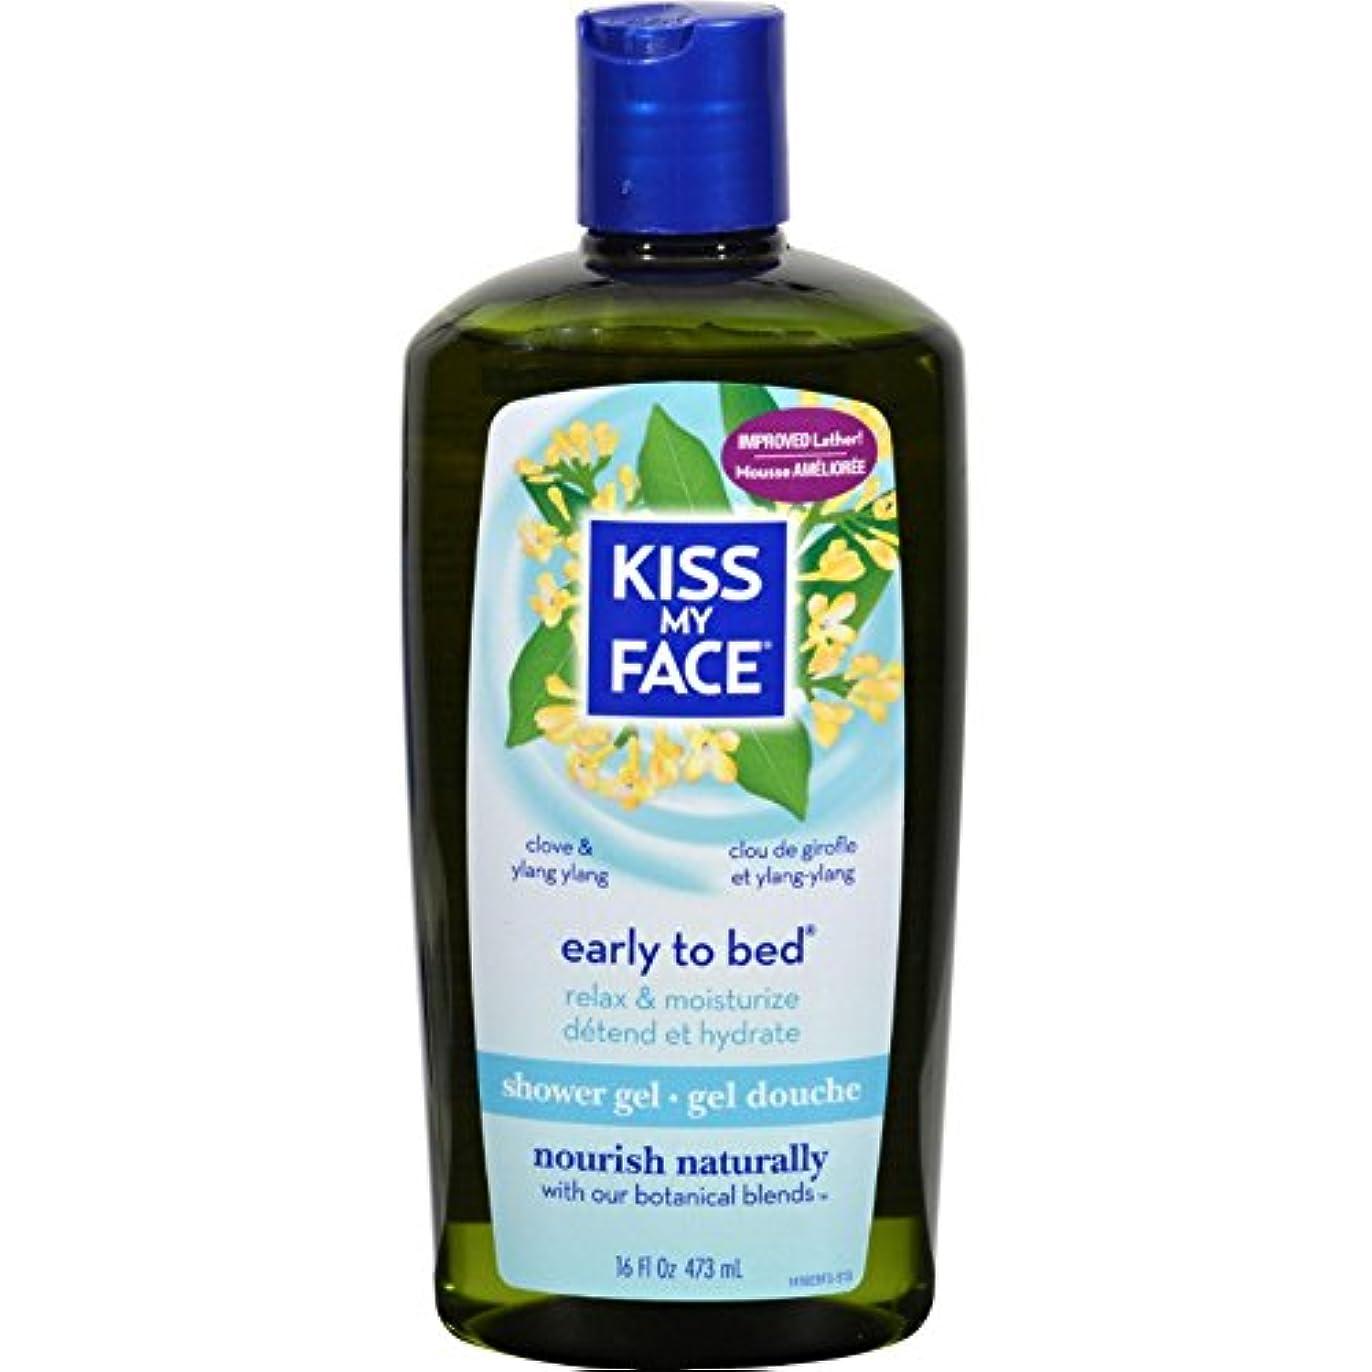 素晴らしさ申し立てられた残り物Bath and Shower Gel Early to Bed Clove and Ylang Ylang - 16 fl oz by Kiss My Face